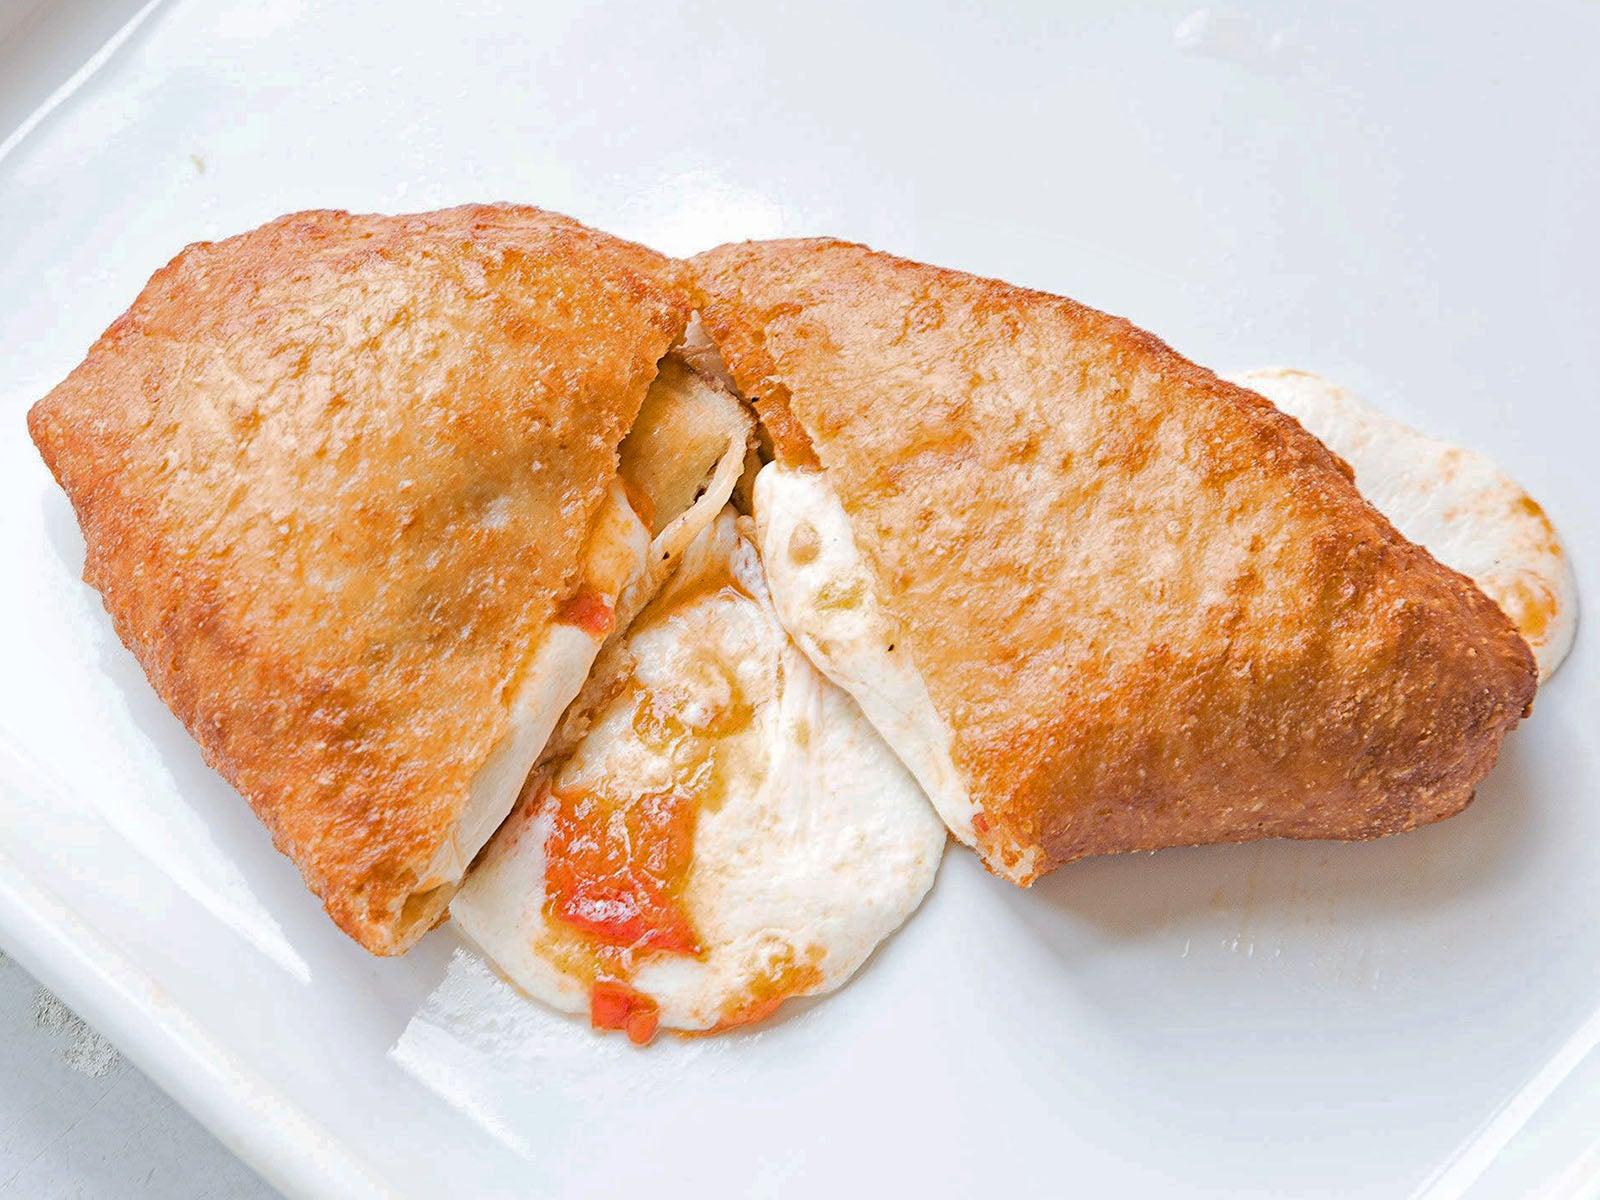 Fresh Tomato and Mozzarella Panzerotti